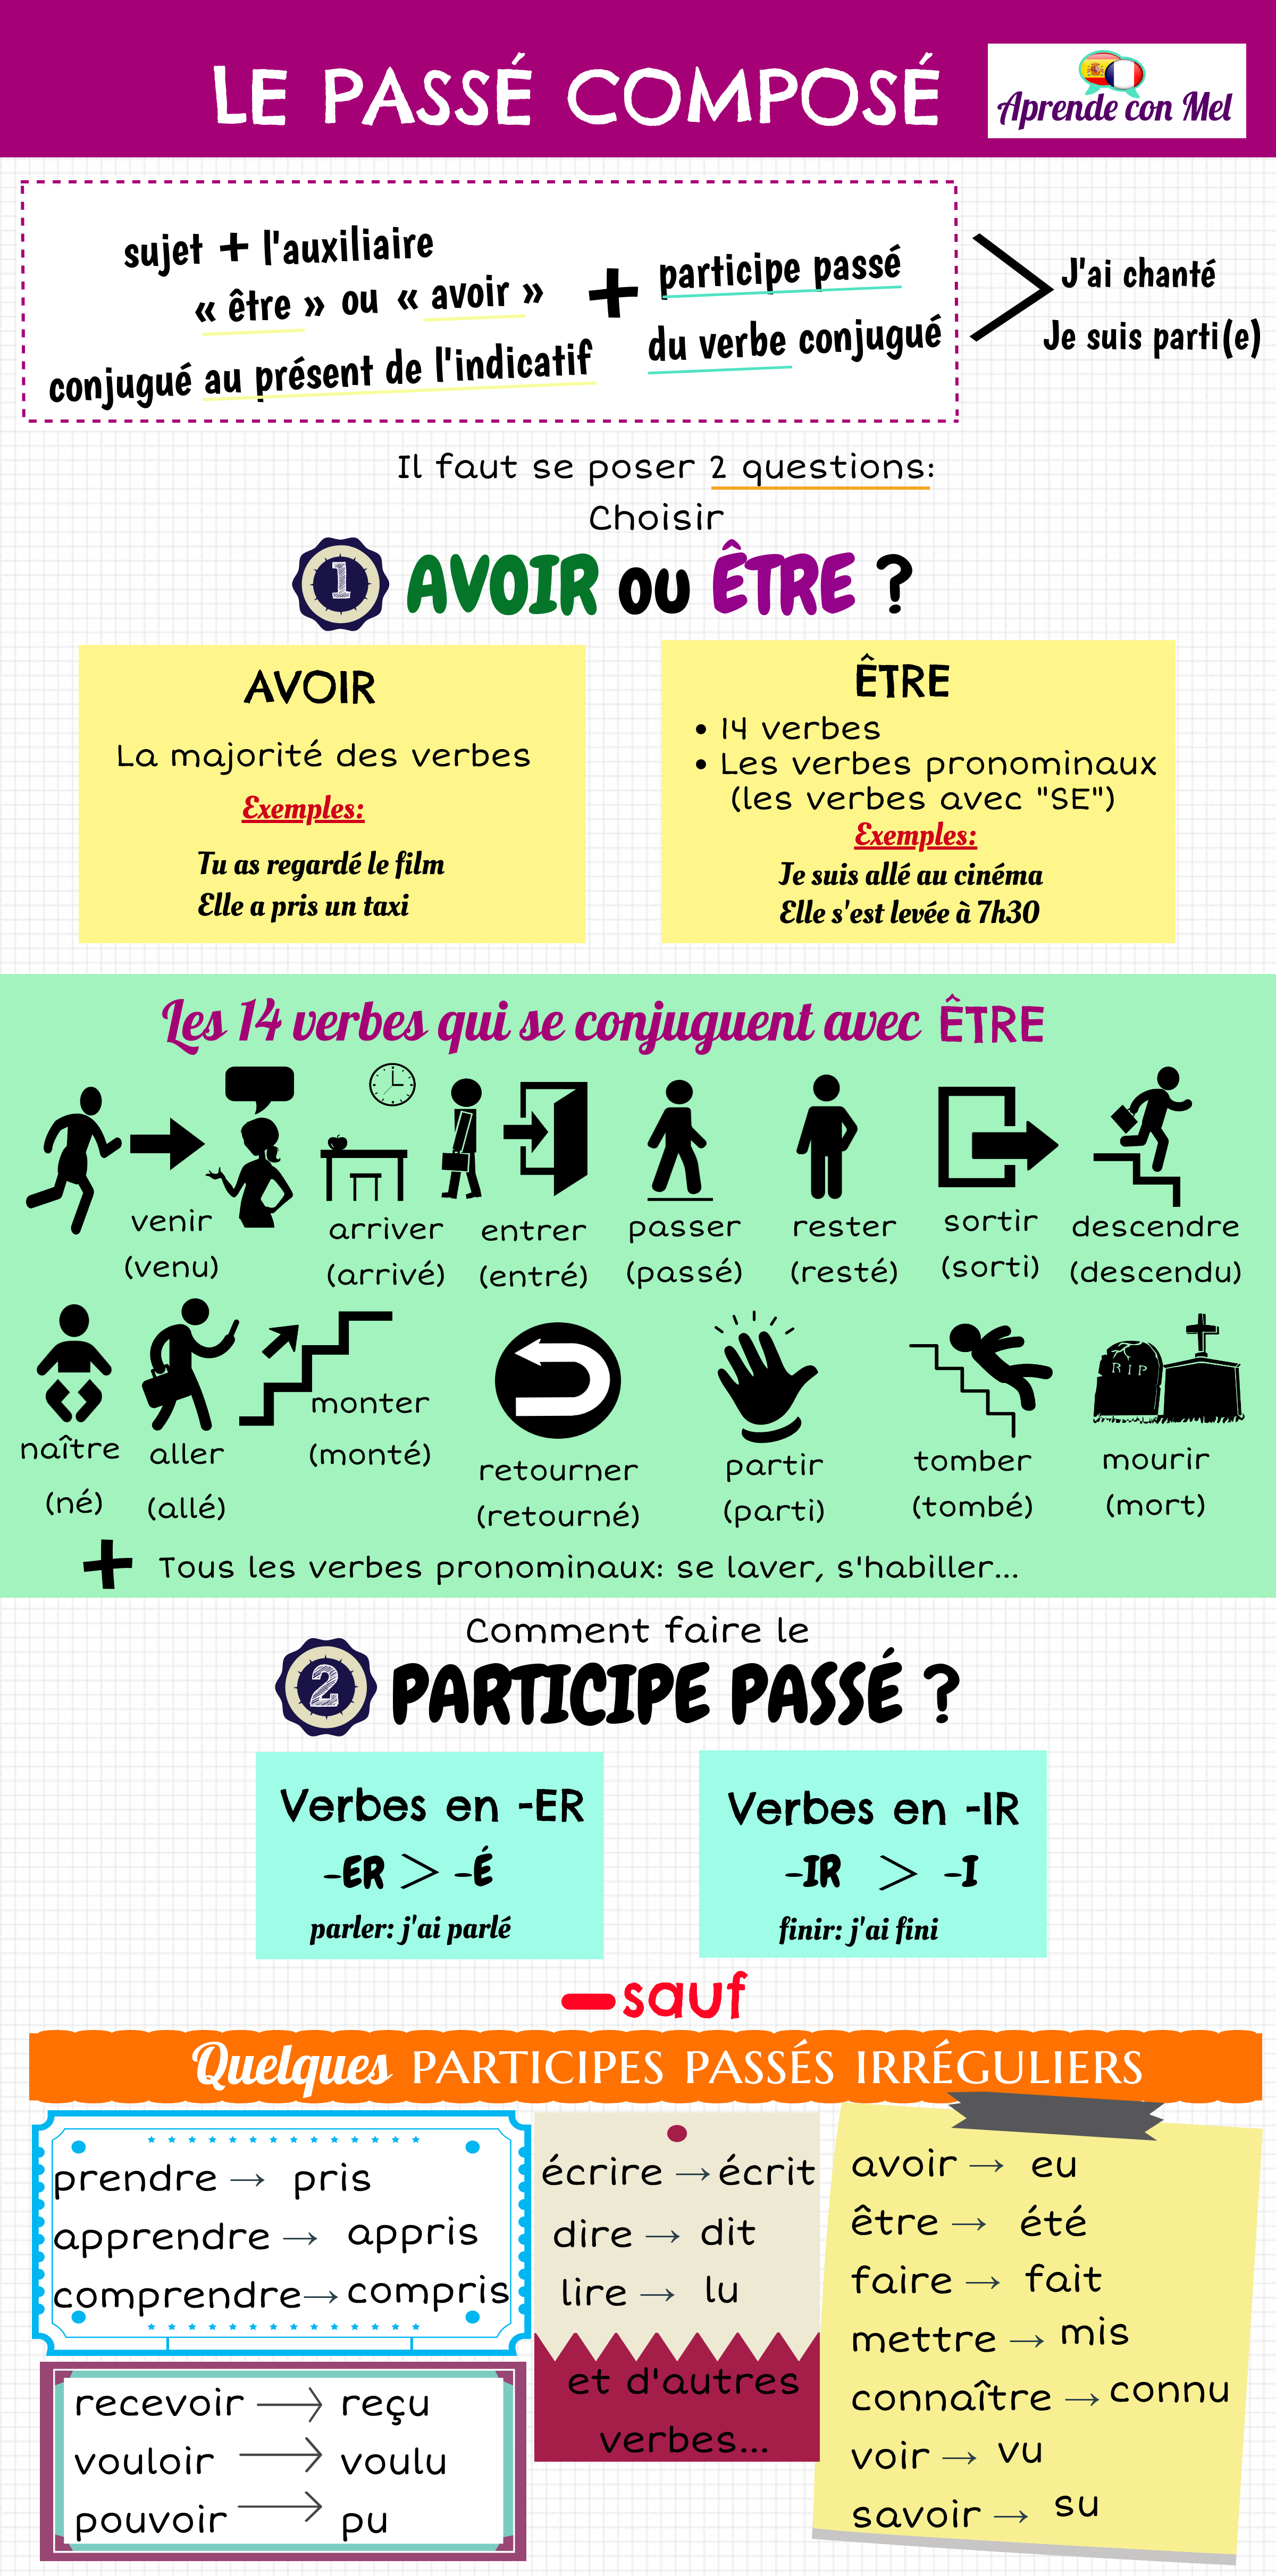 Formation Du Passe Compose Grammaire Fle Aprendeconmel Vranjes Passe Compose Phrases En Francais French Expressions